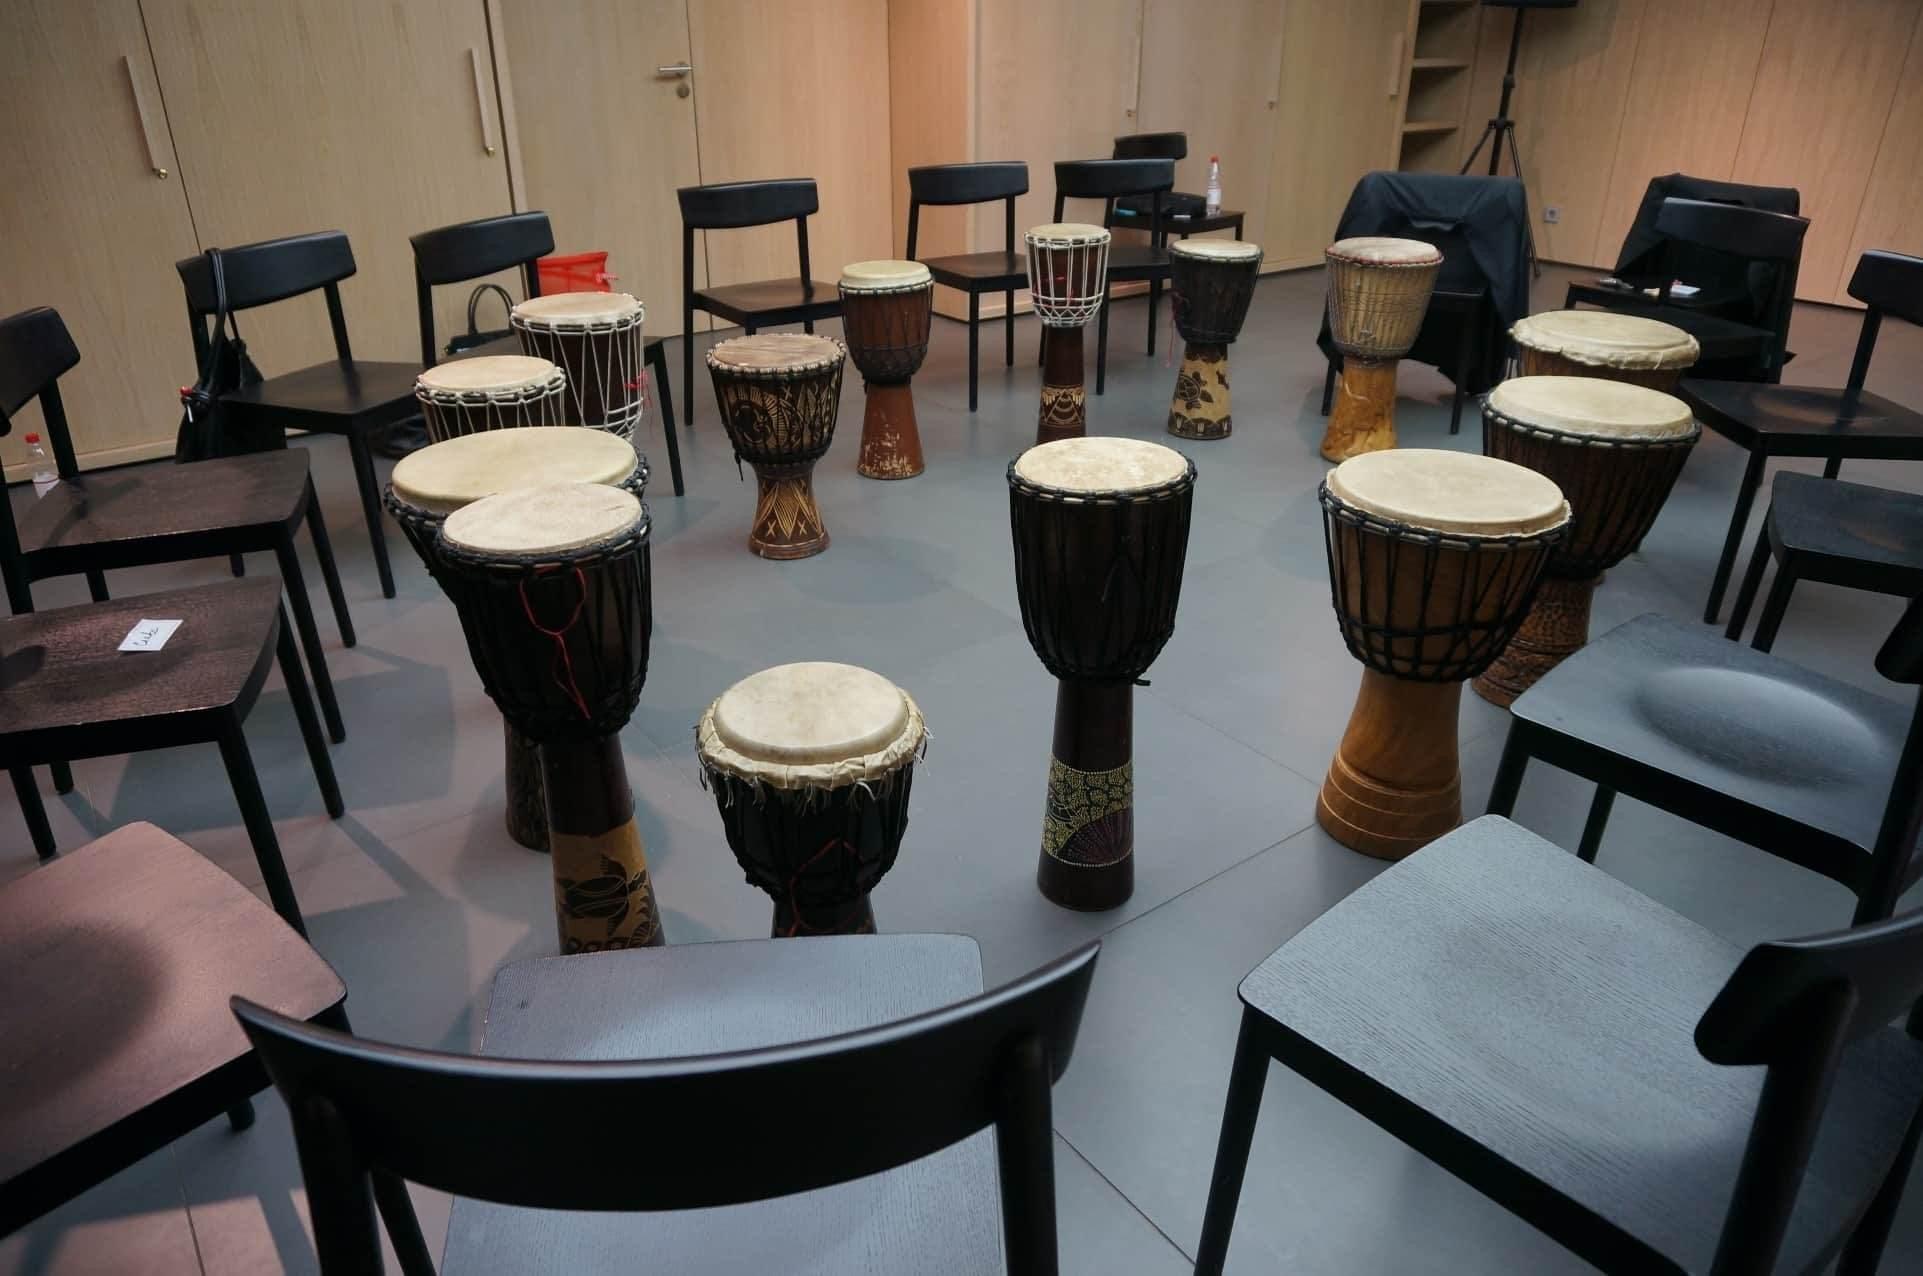 барабанный мастер-класс в Москве